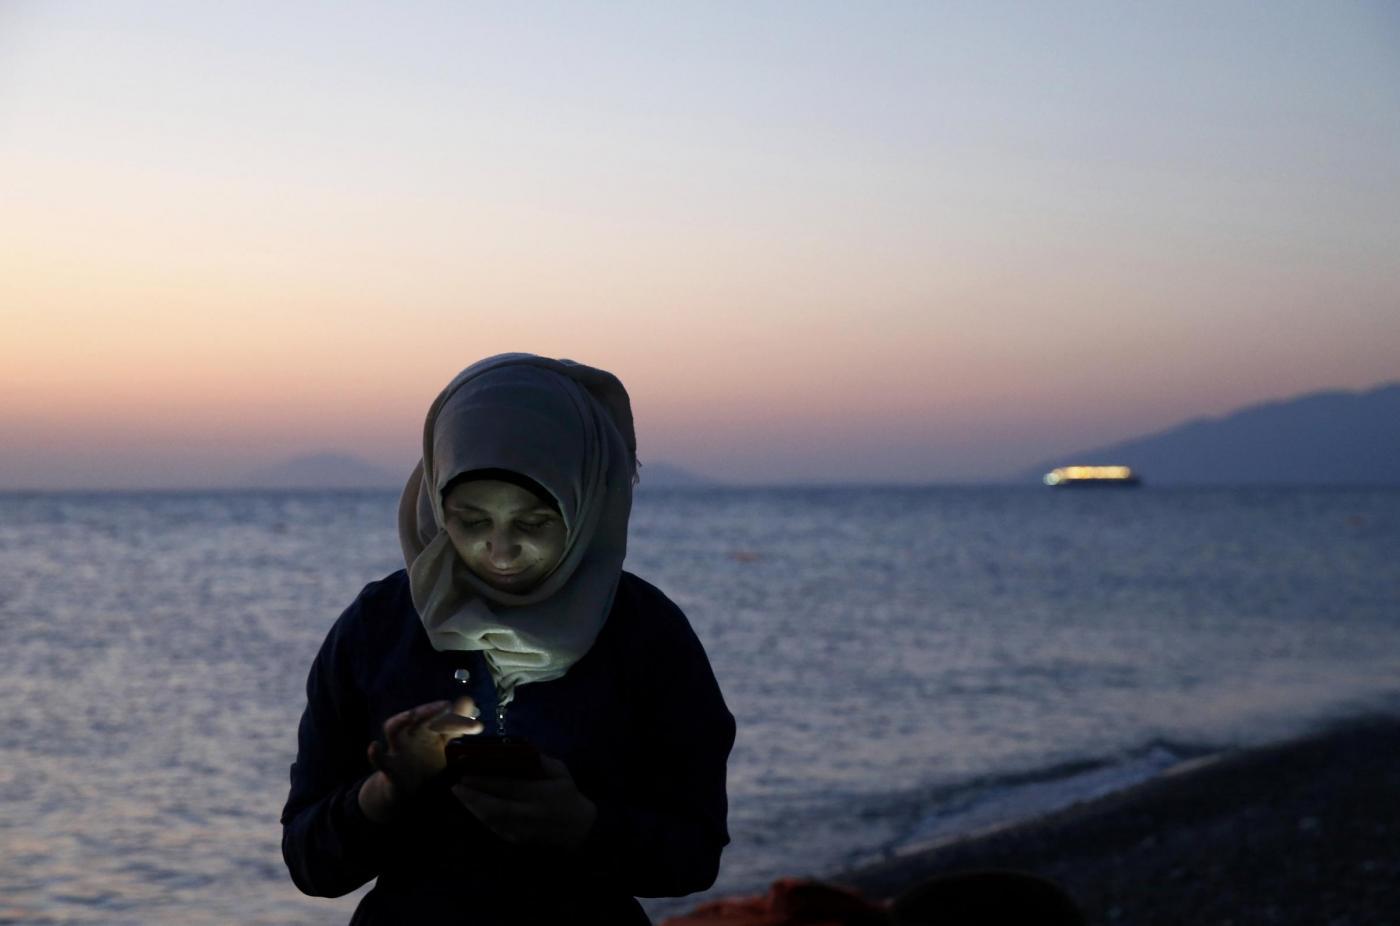 Perché gli immigrati sbarcano in Italia con lo smartphone?